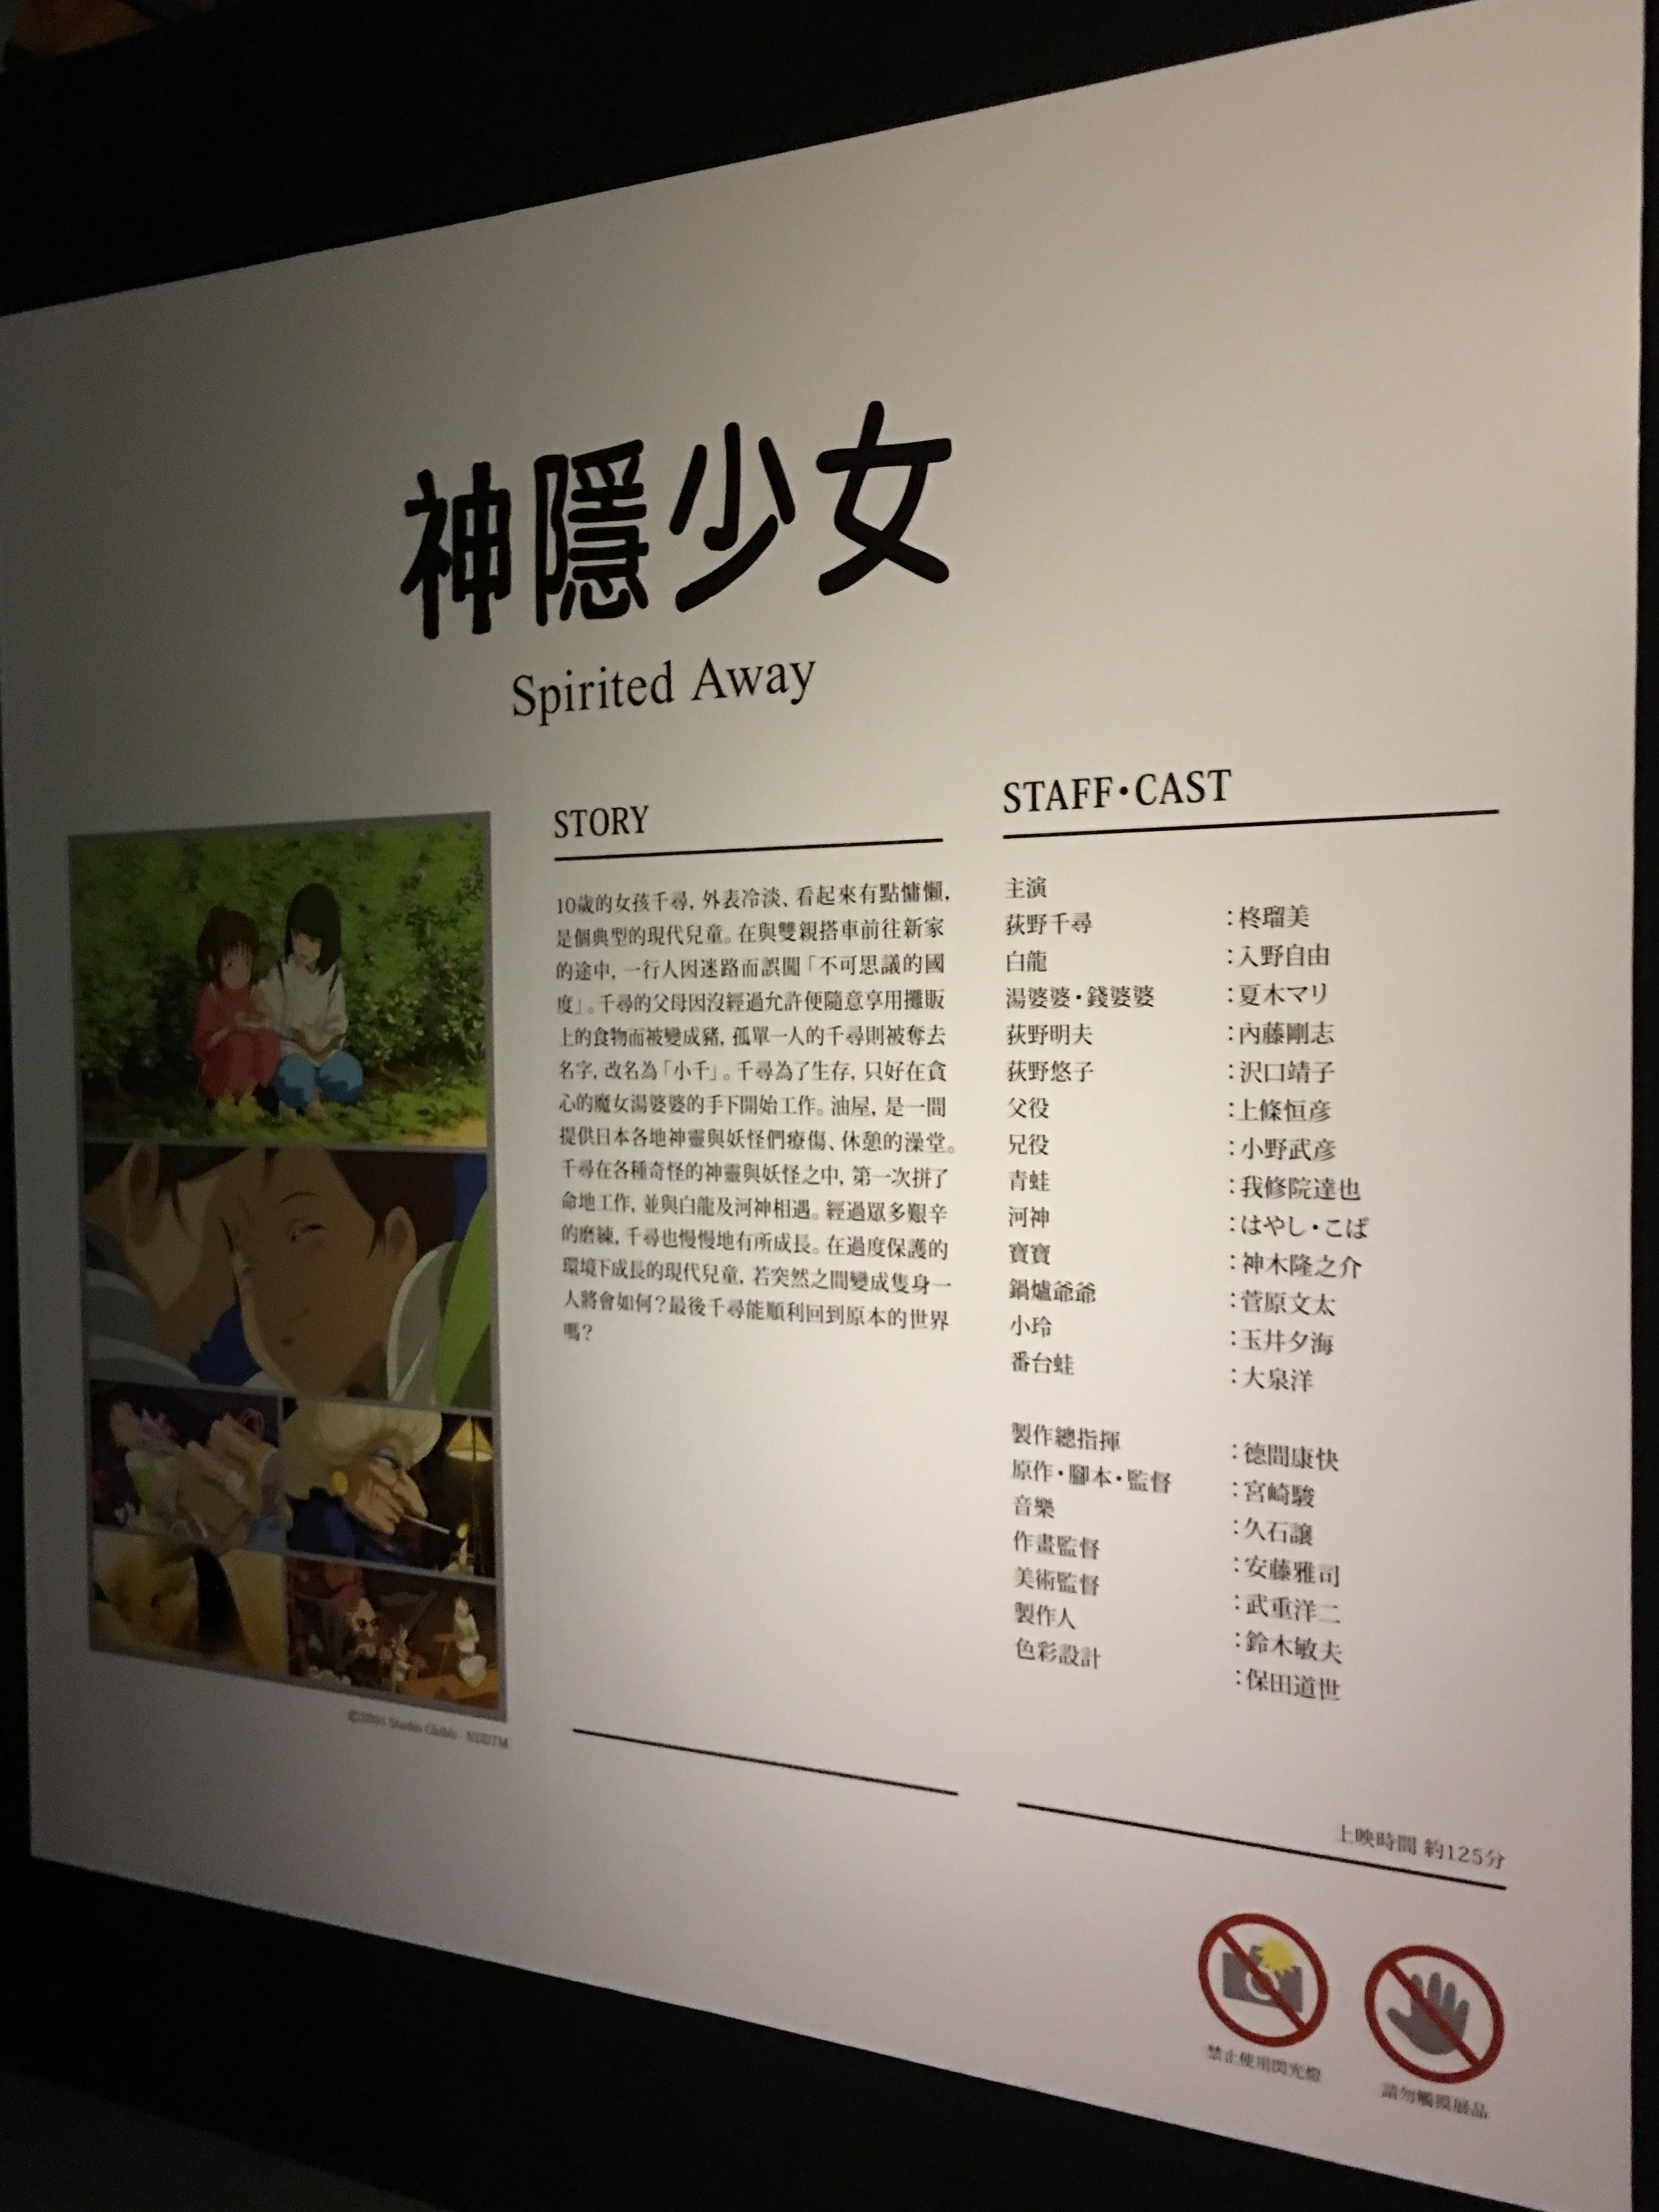 |展覽資訊|吉卜力的動畫世界特展 九部經典動畫場景就在眼前